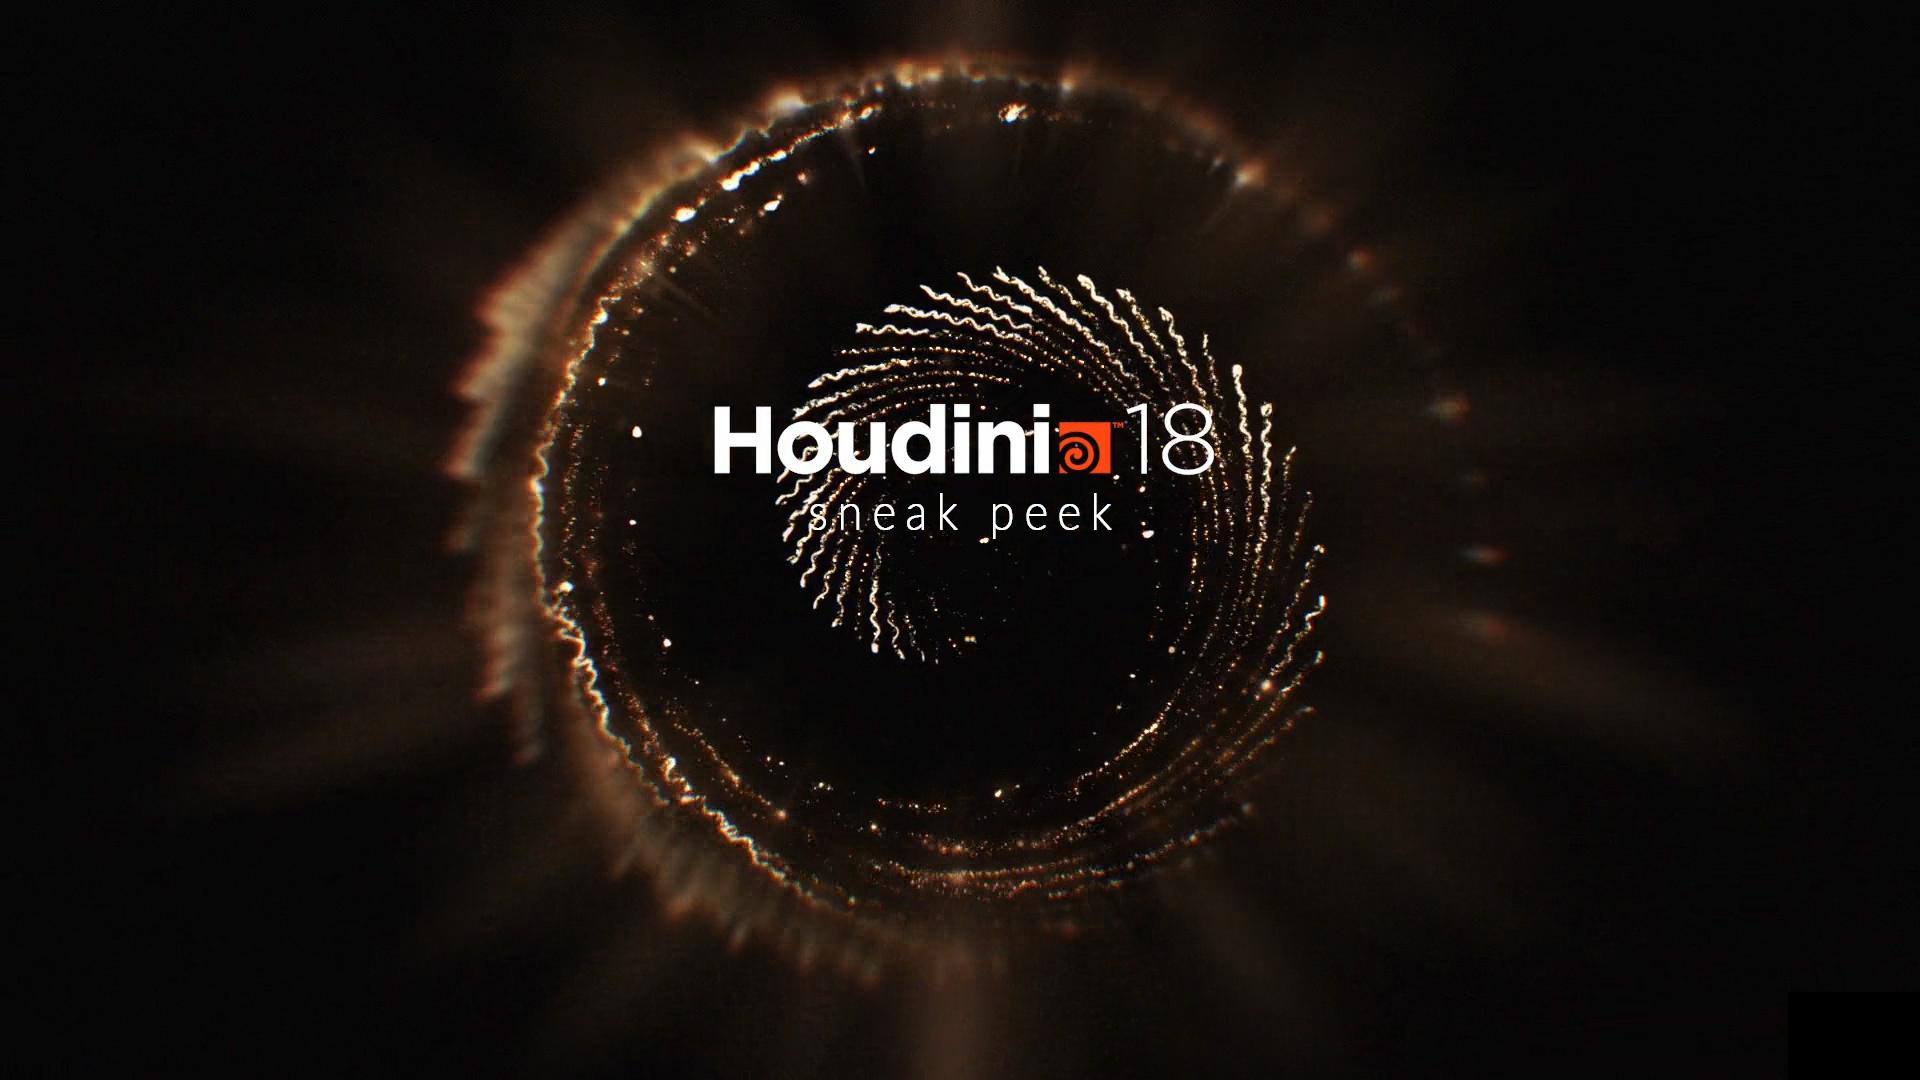 agancg-houdini-18_sneak_peek.jpg